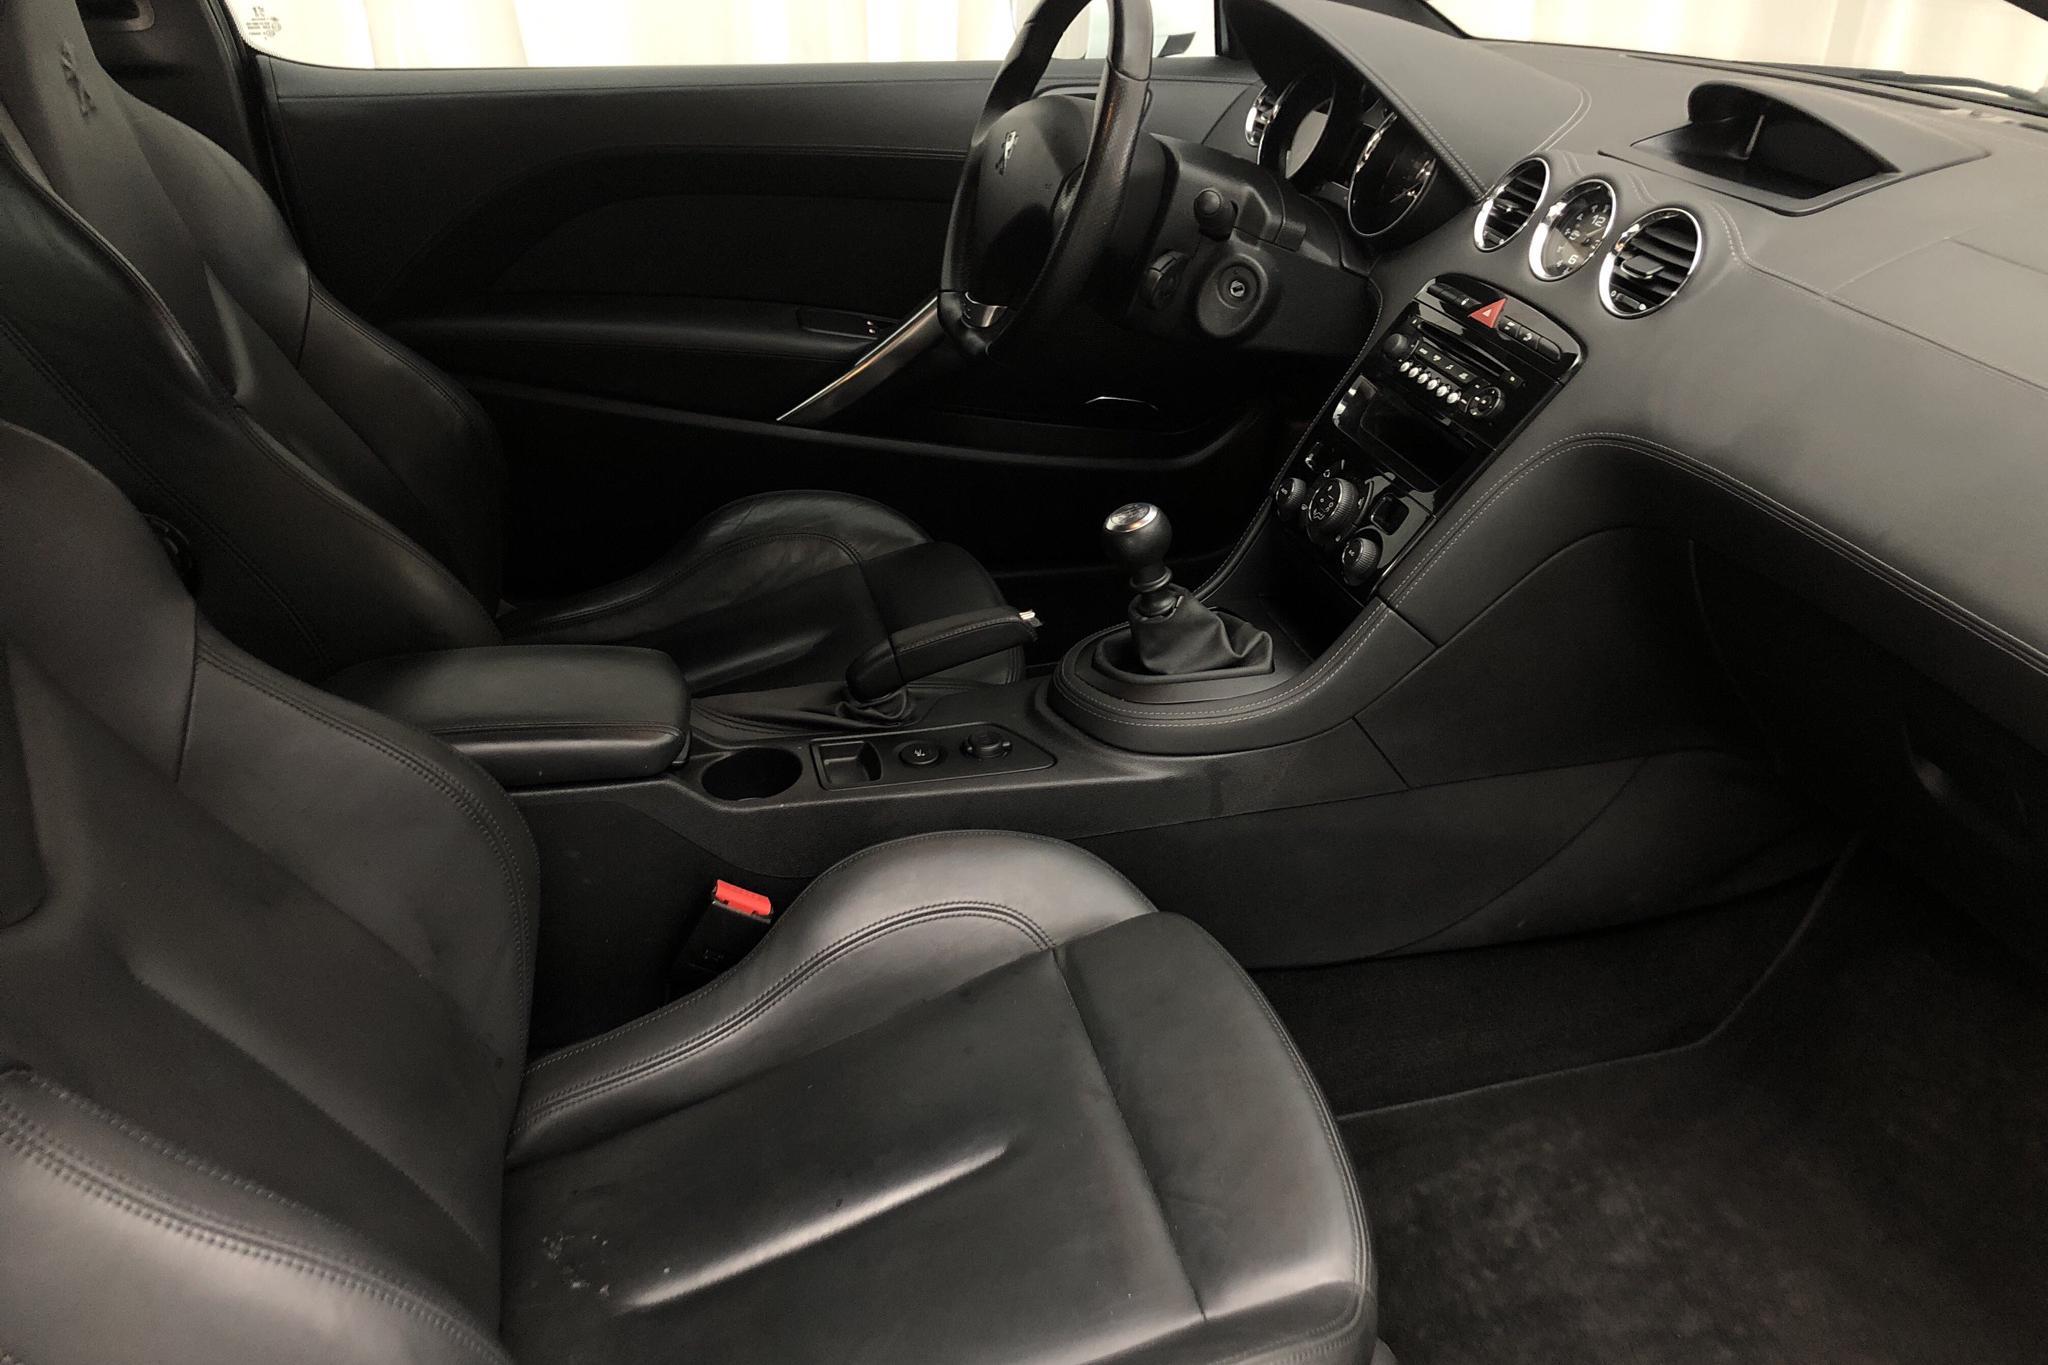 Peugeot RCZ 1.6 Turbo (200hk) - 12 421 mil - Manuell - vit - 2012